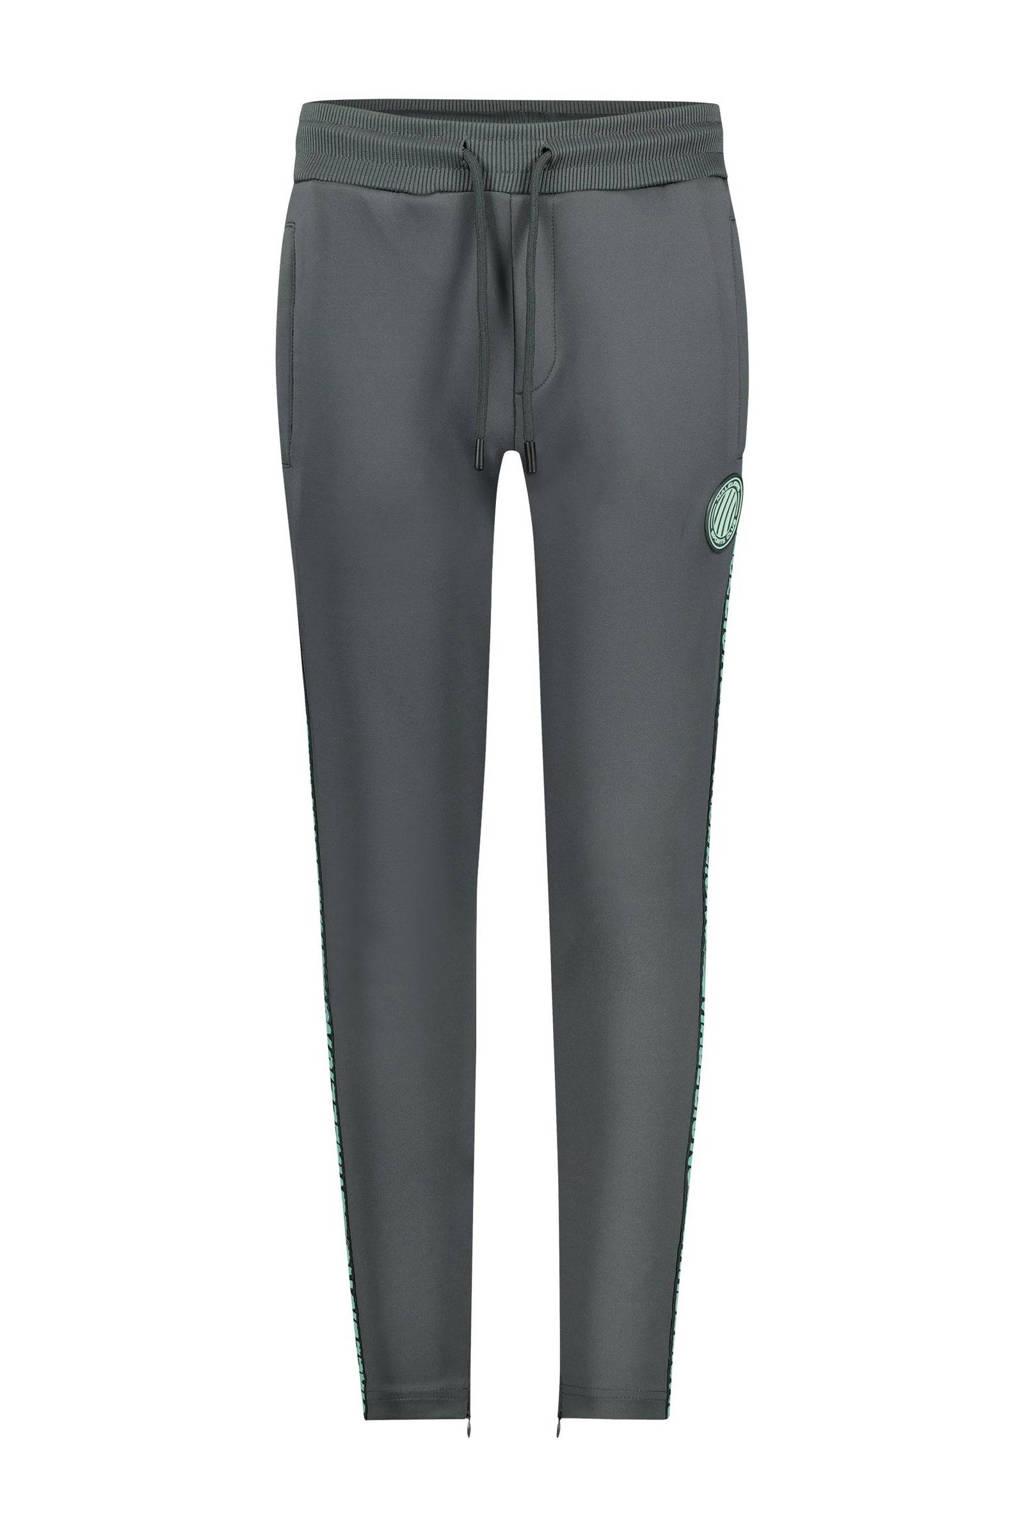 Malelions skinny joggingbroek met zijstreep antraciet/mintgroen, Antraciet/mintgroen